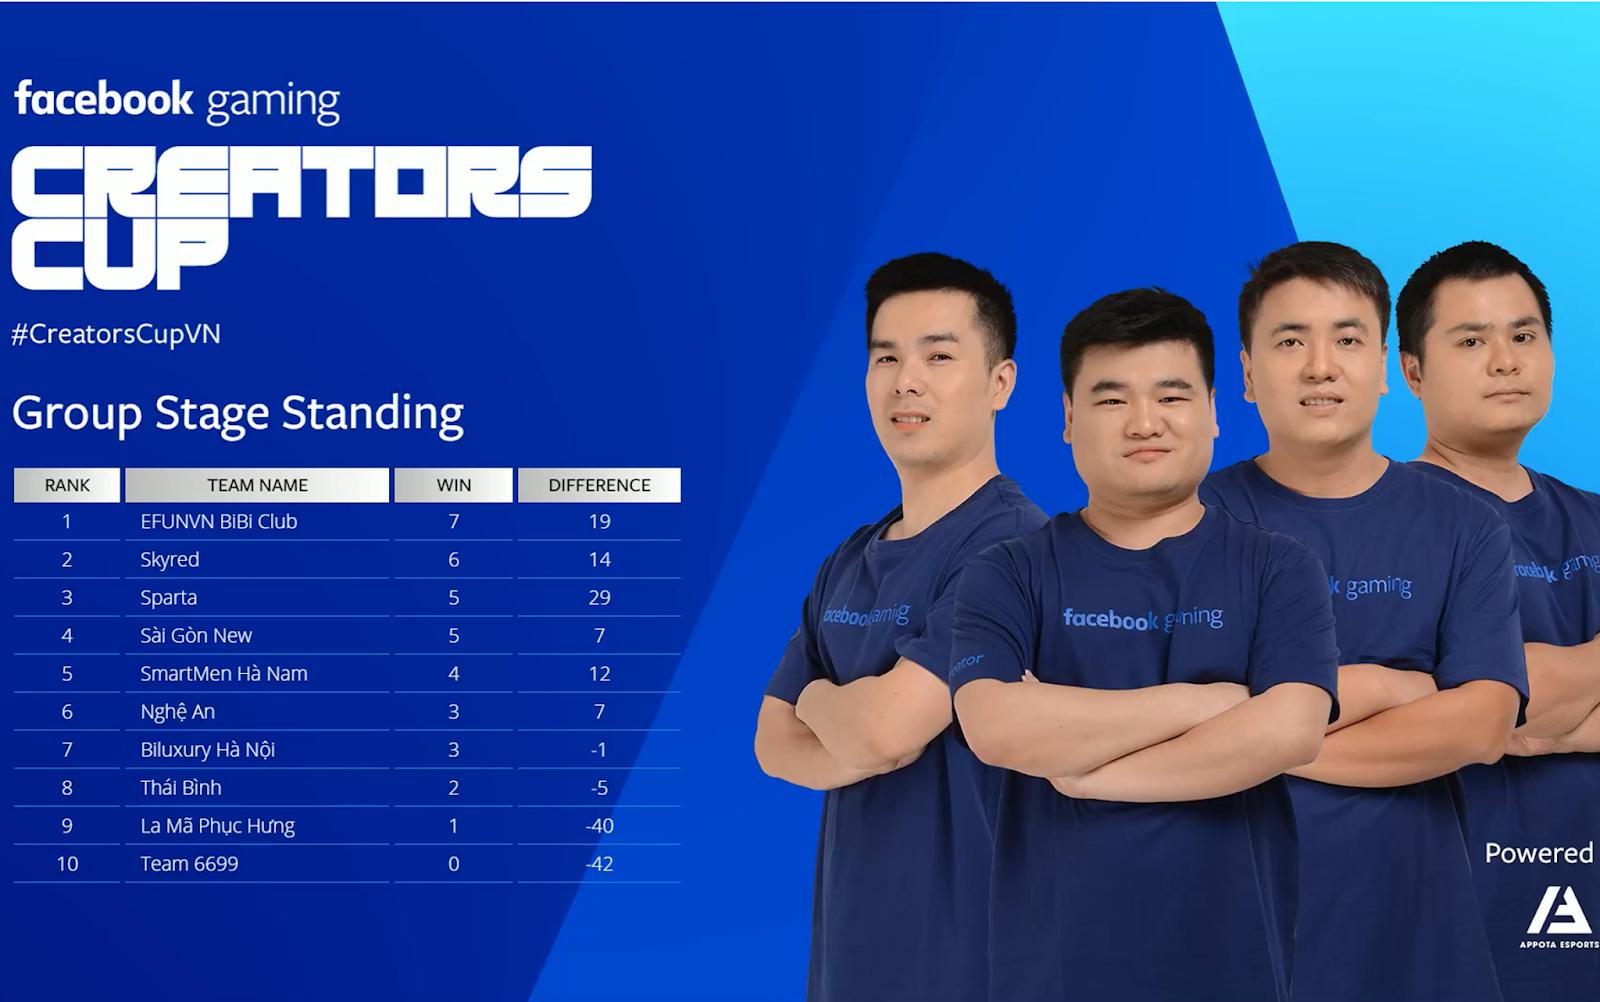 Vòng 8 giải đấu AoE Facebook Gaming Creators Cup 2019: Skyred, Sparta ngã ngựa; La Mã Phục Hưng giành điểm đầu tiên